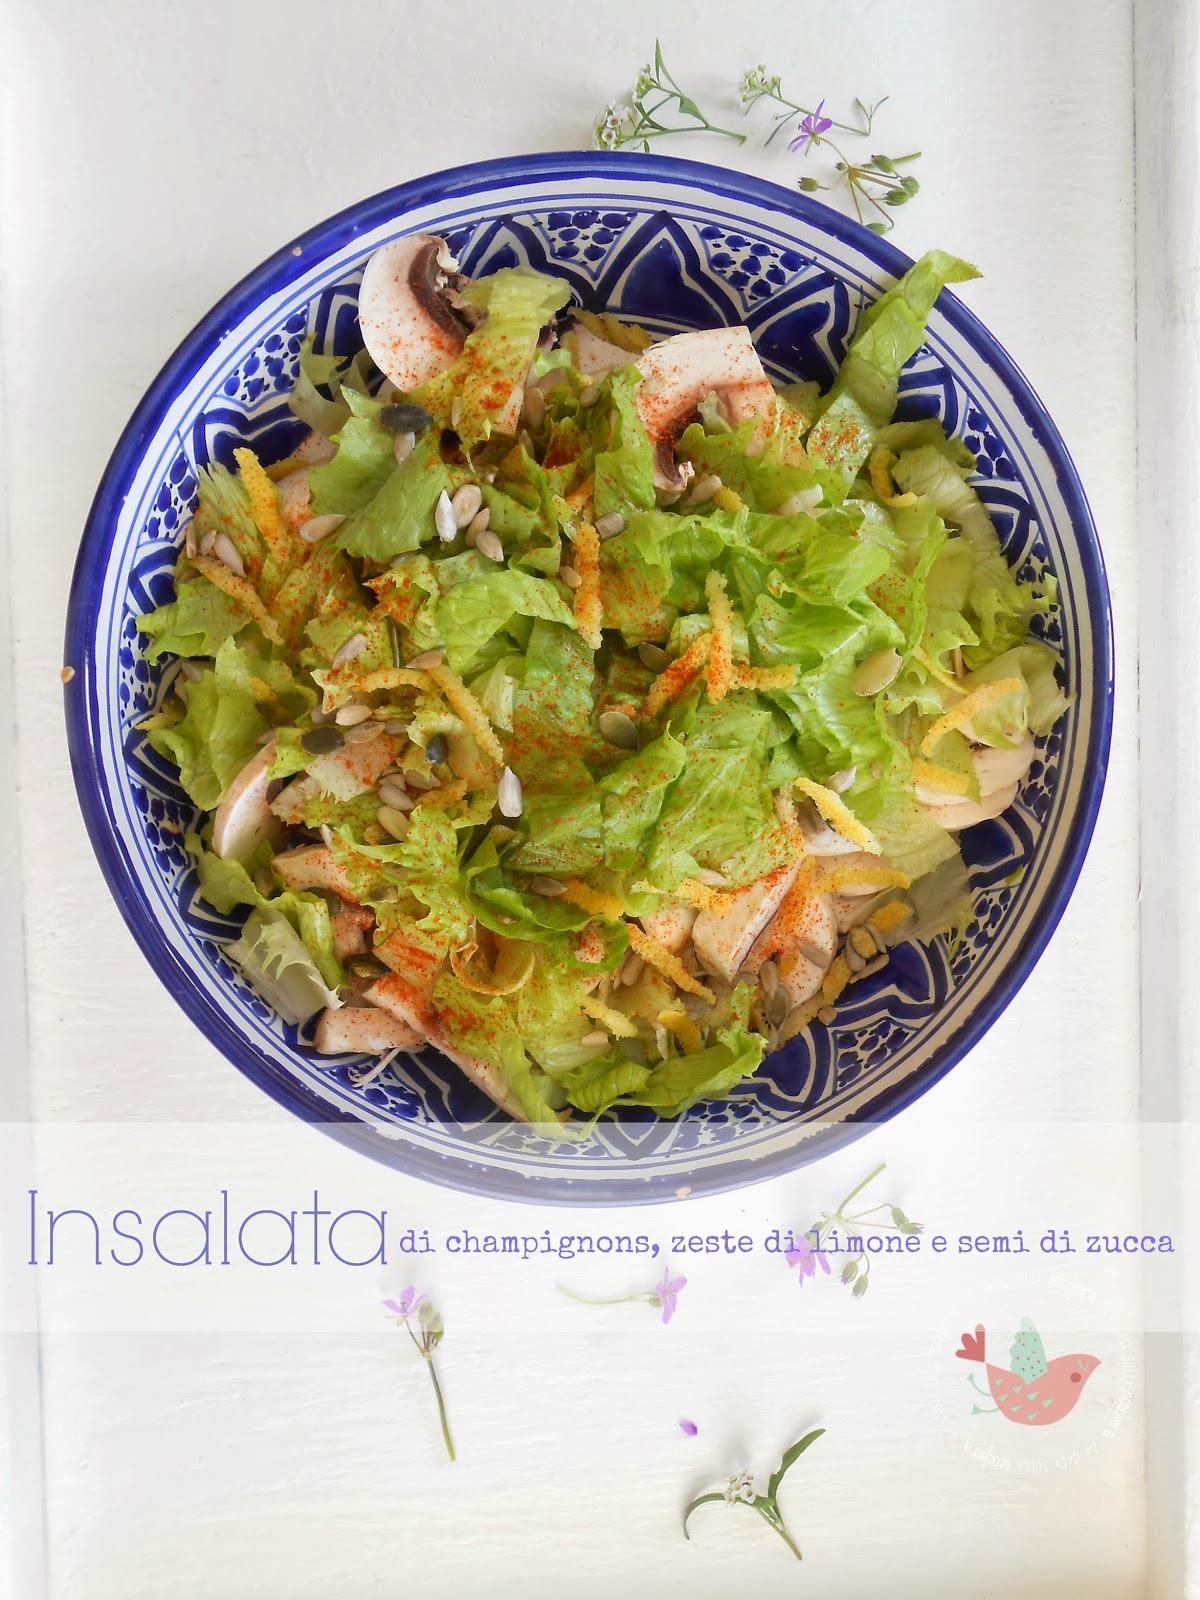 L'insalata che preferisco in questi giorni di primavera in cui anche la natura si sta lentamente risvegliando.